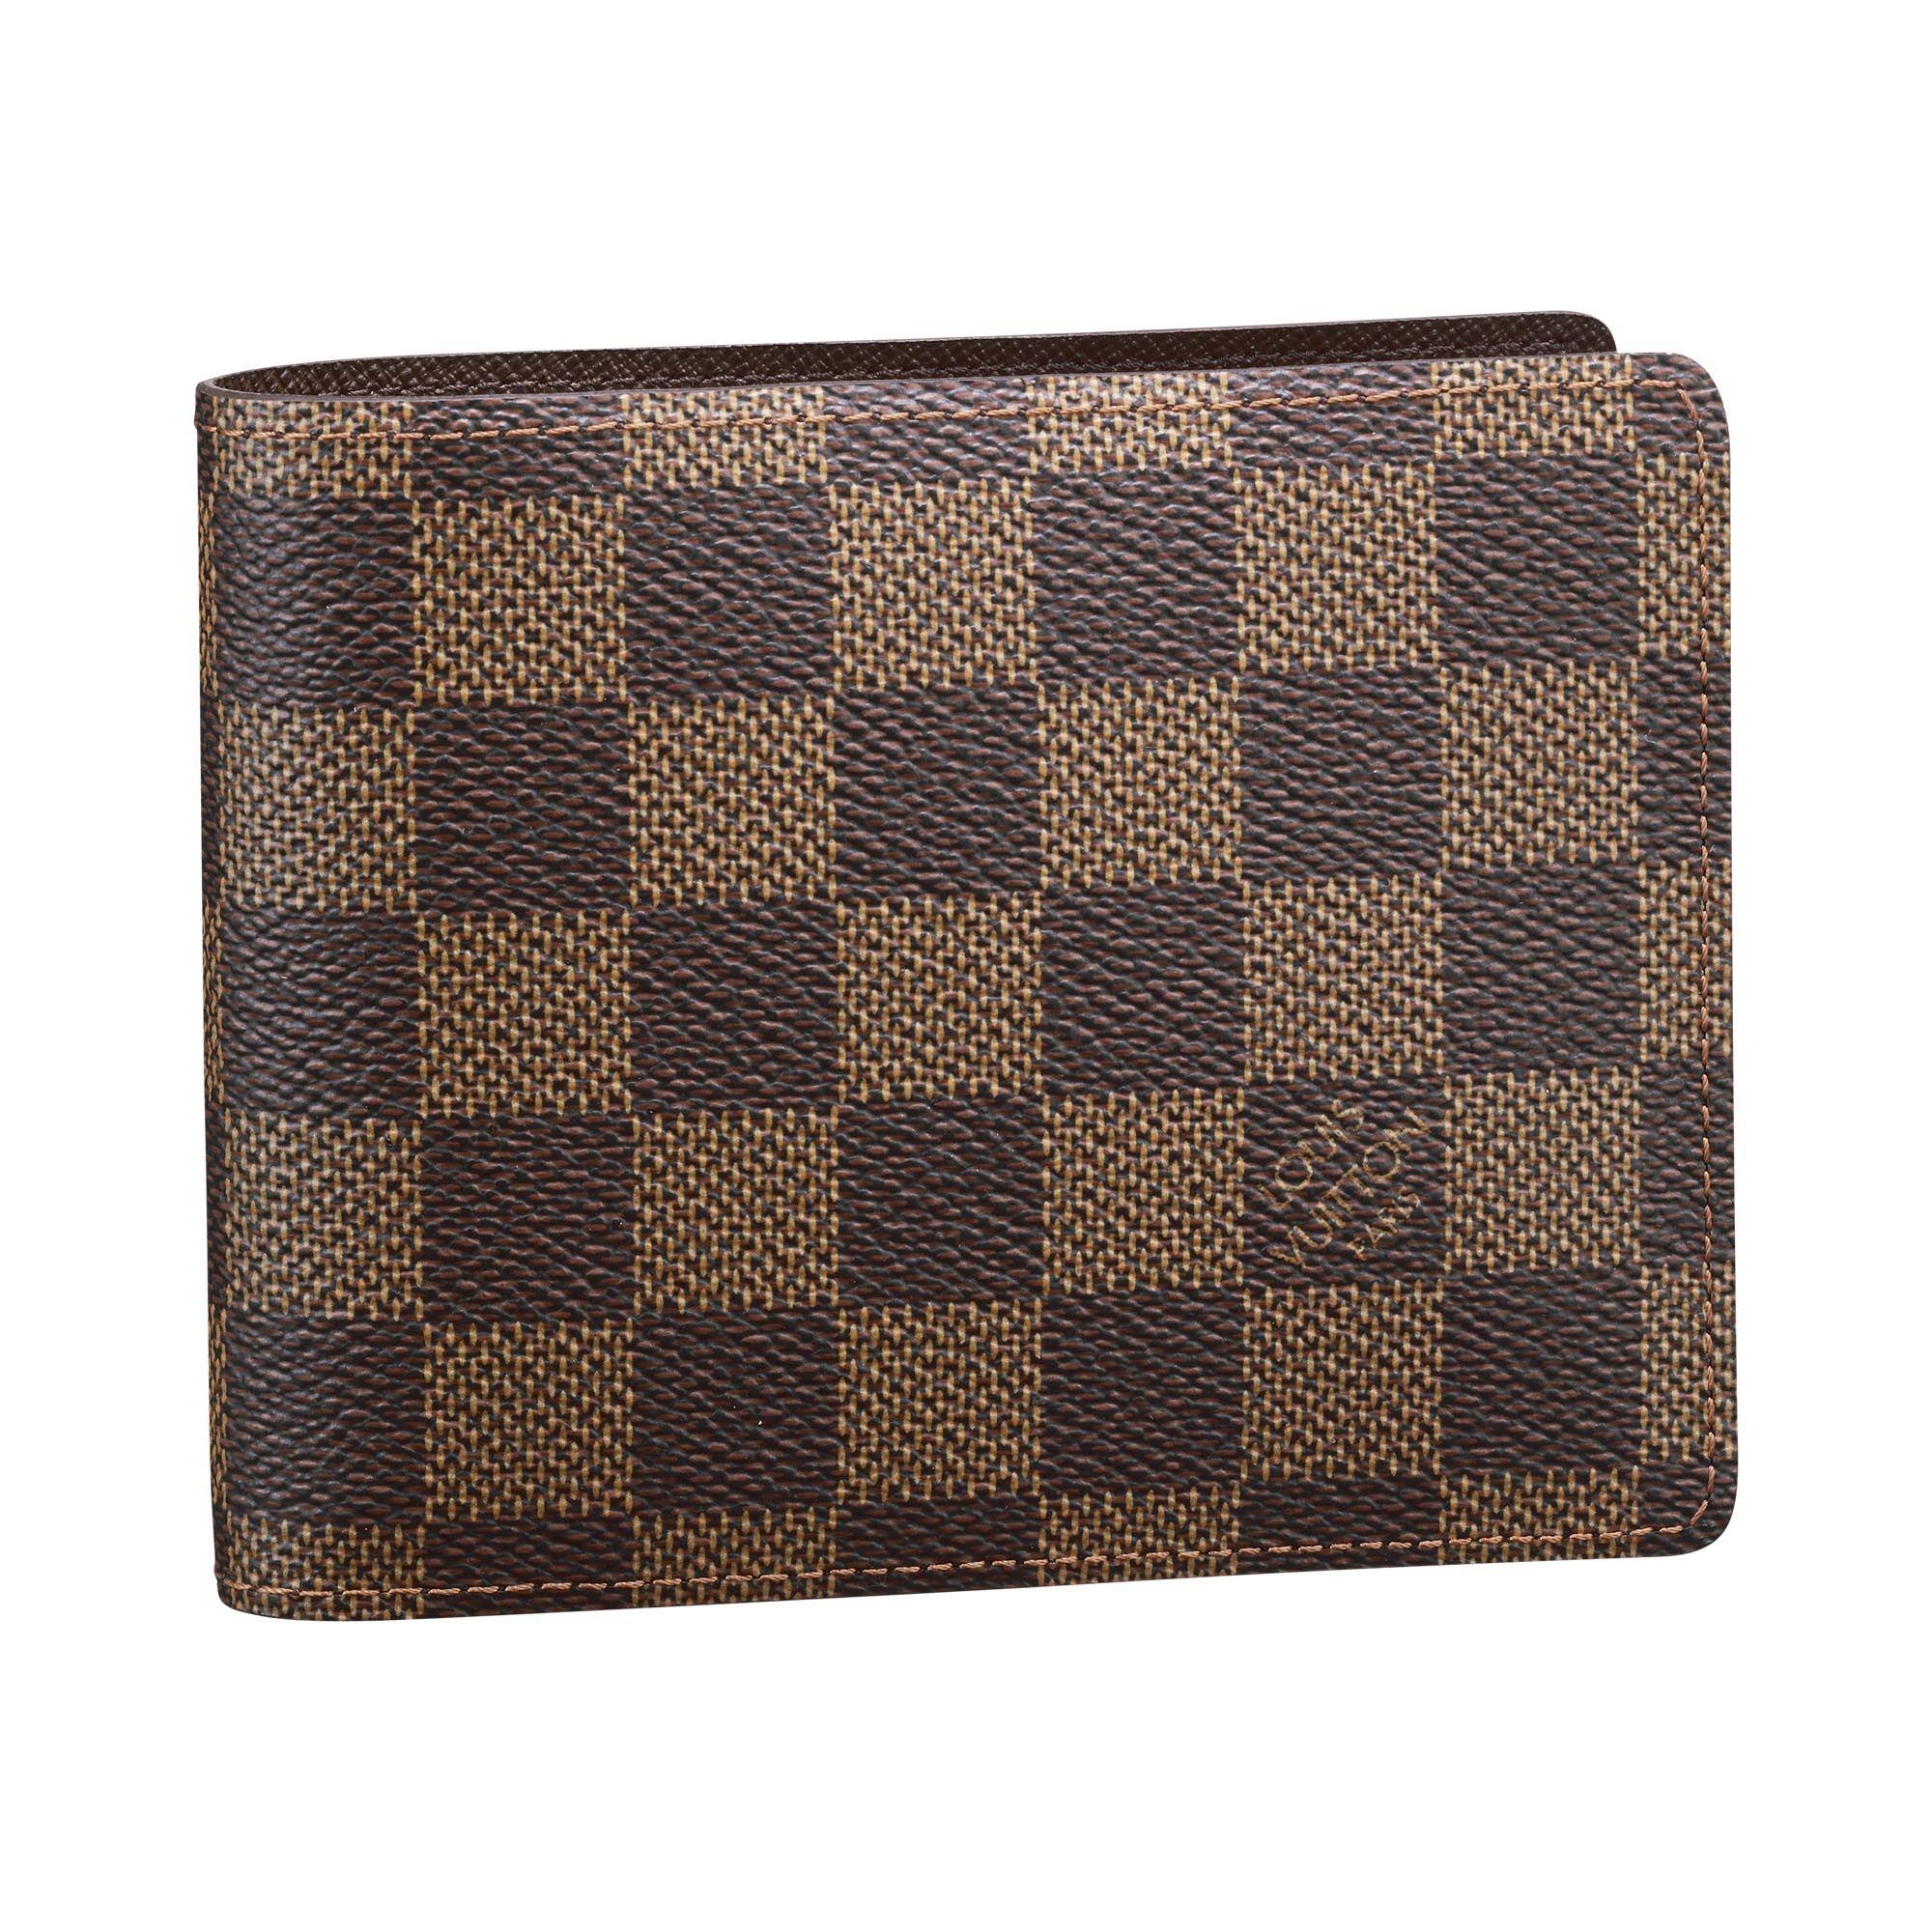 4451f717e13de Louis Vuitton Men s Wallet (Damier Eben